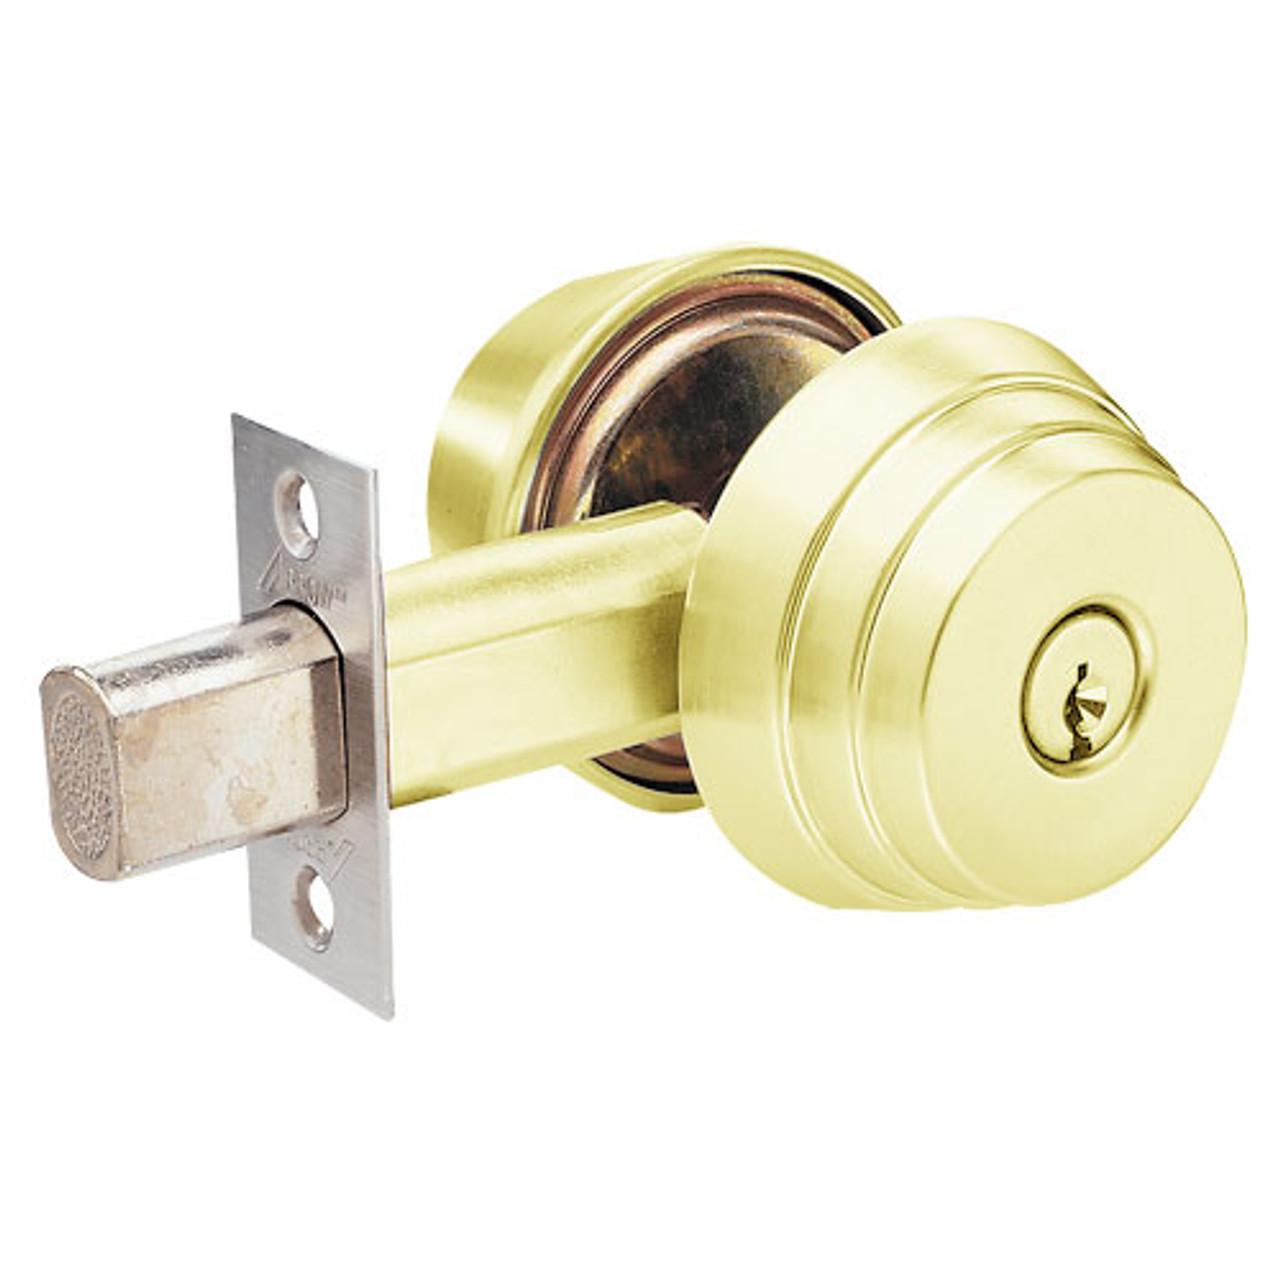 E61-03 Arrow Lock E Series Deadbolt in Bright Brass Finish